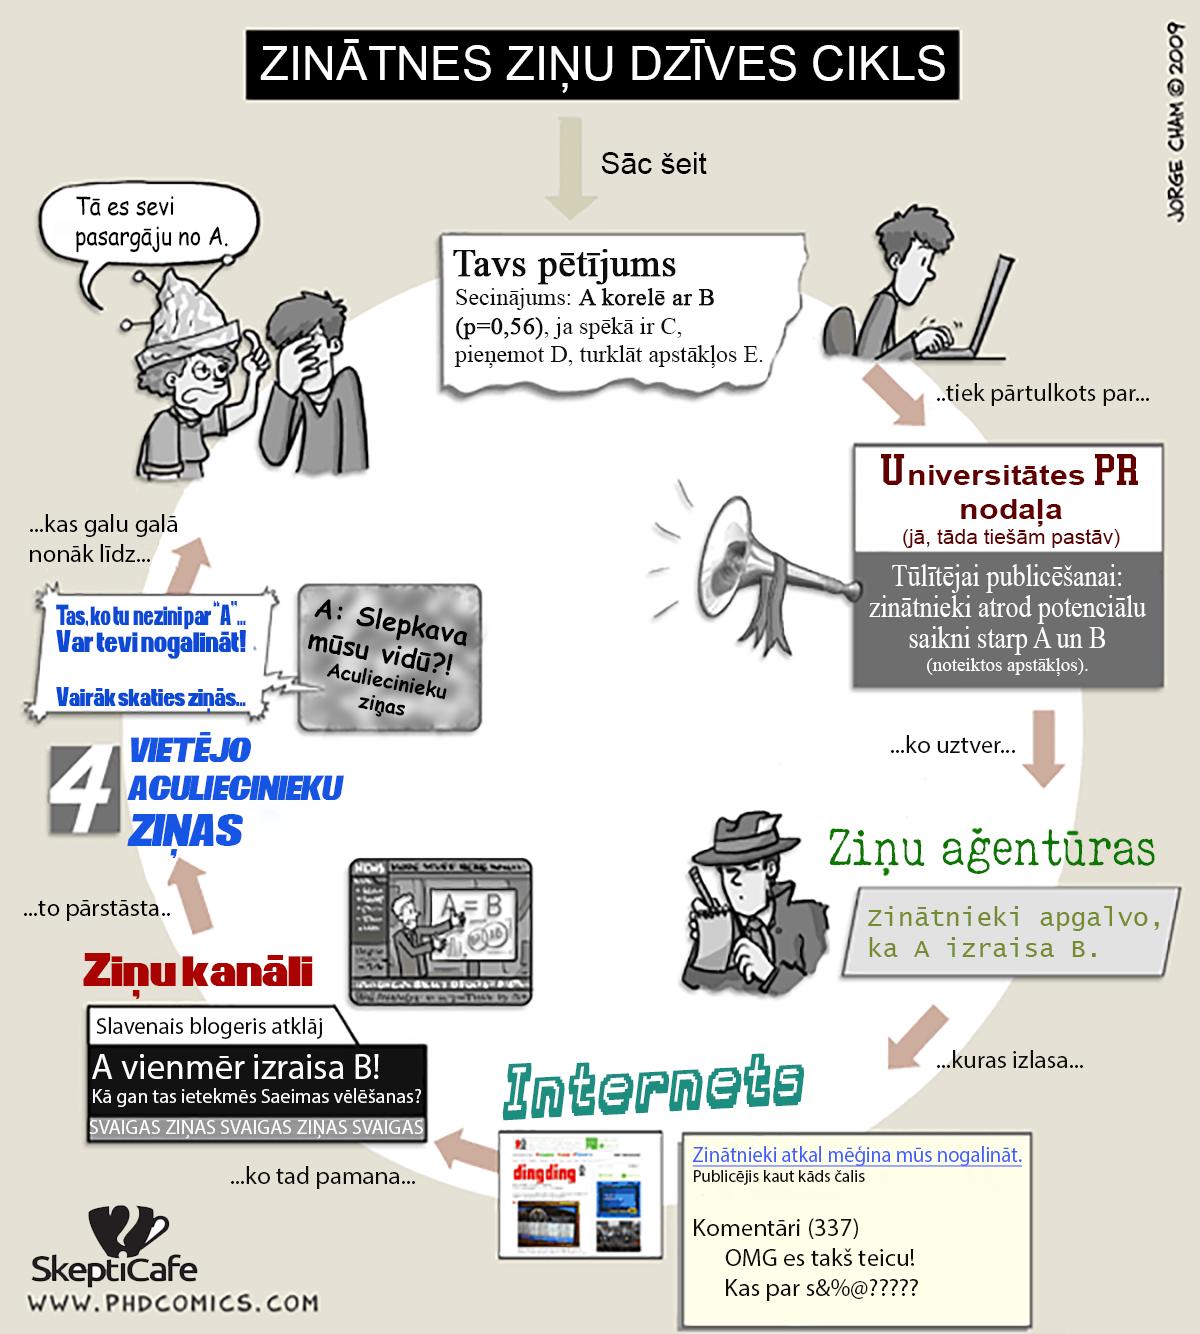 Zinātnes un ziņu dzīves cikls